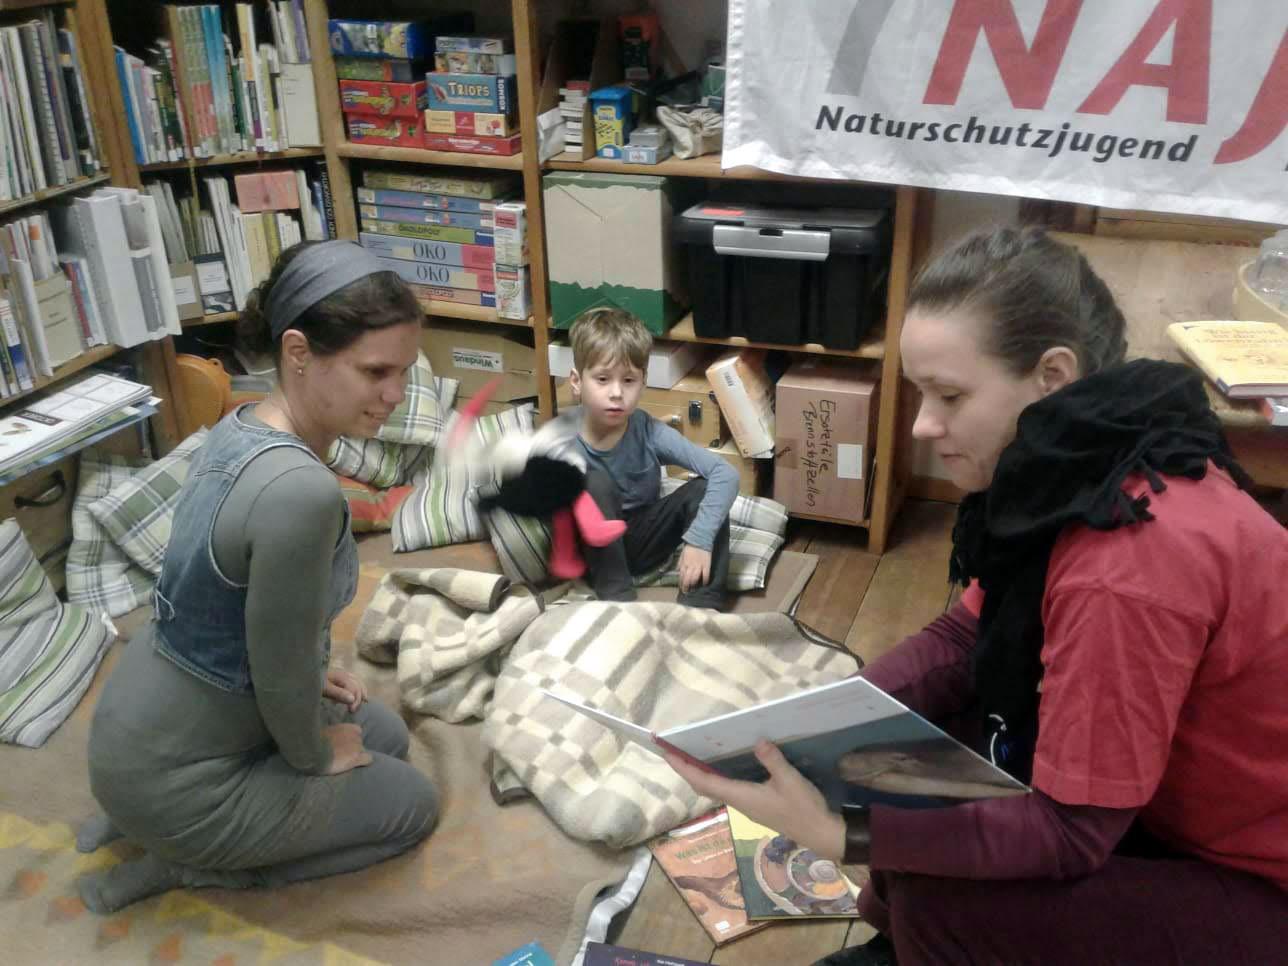 Wir lesen spannende Geschichten in der Umweltbibliothek.